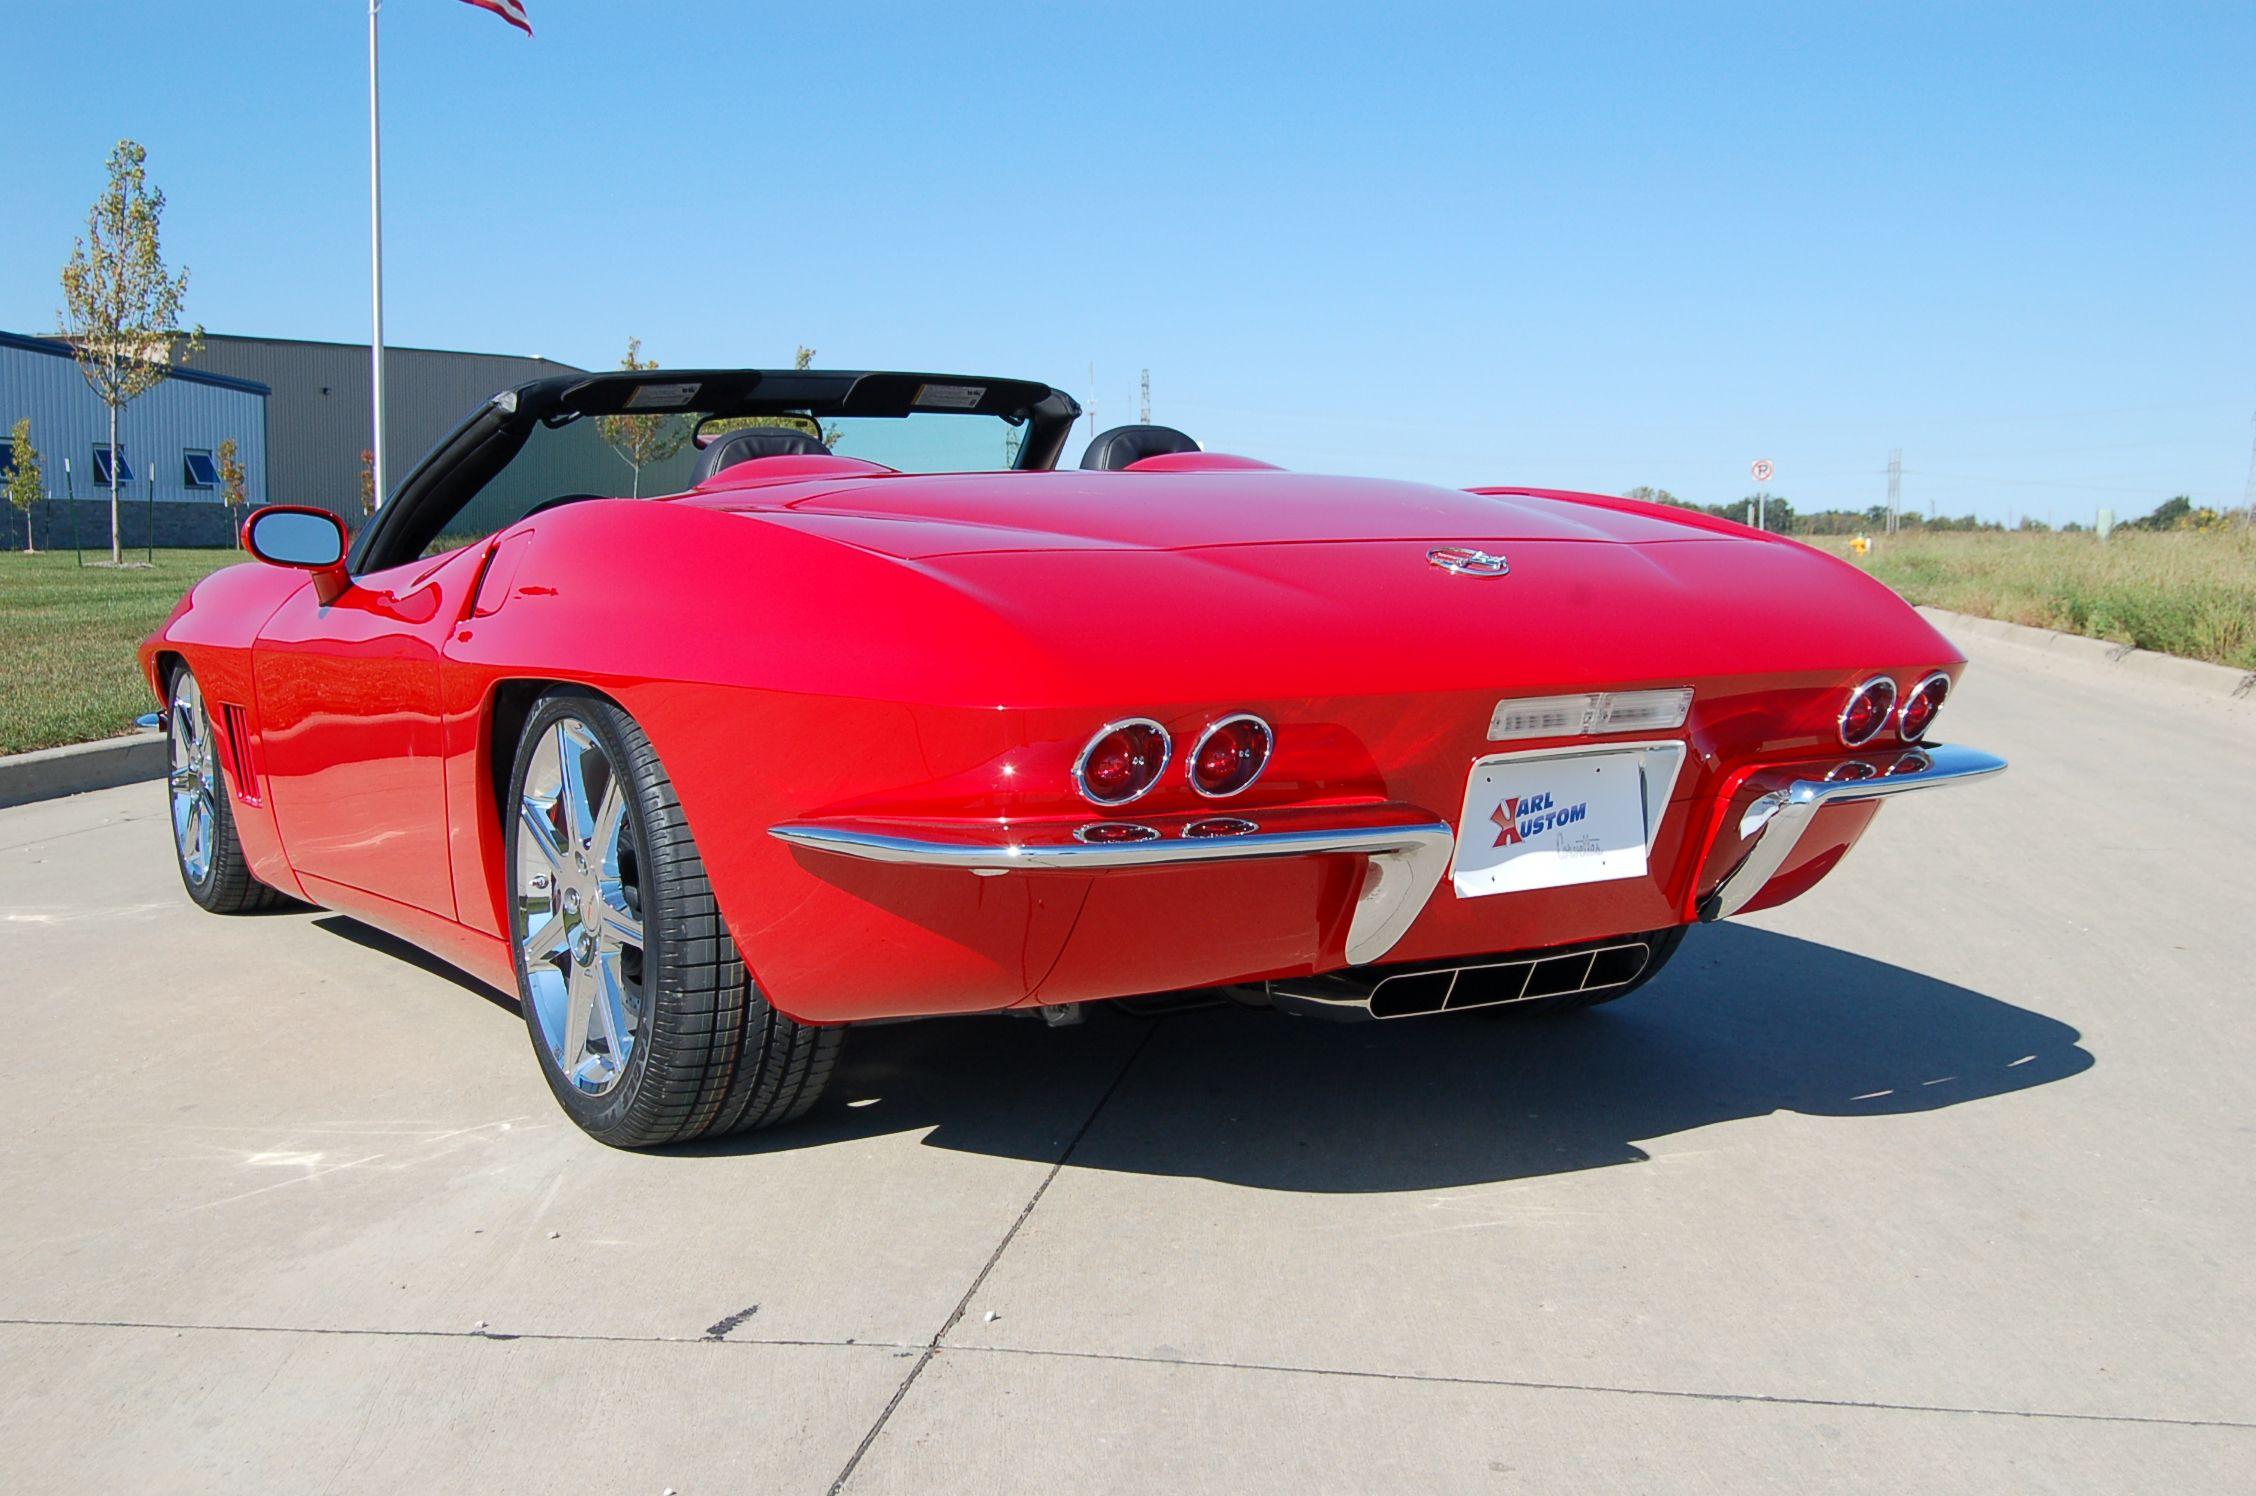 67 Vette Car Dealer New Chevy Used Car Dealer